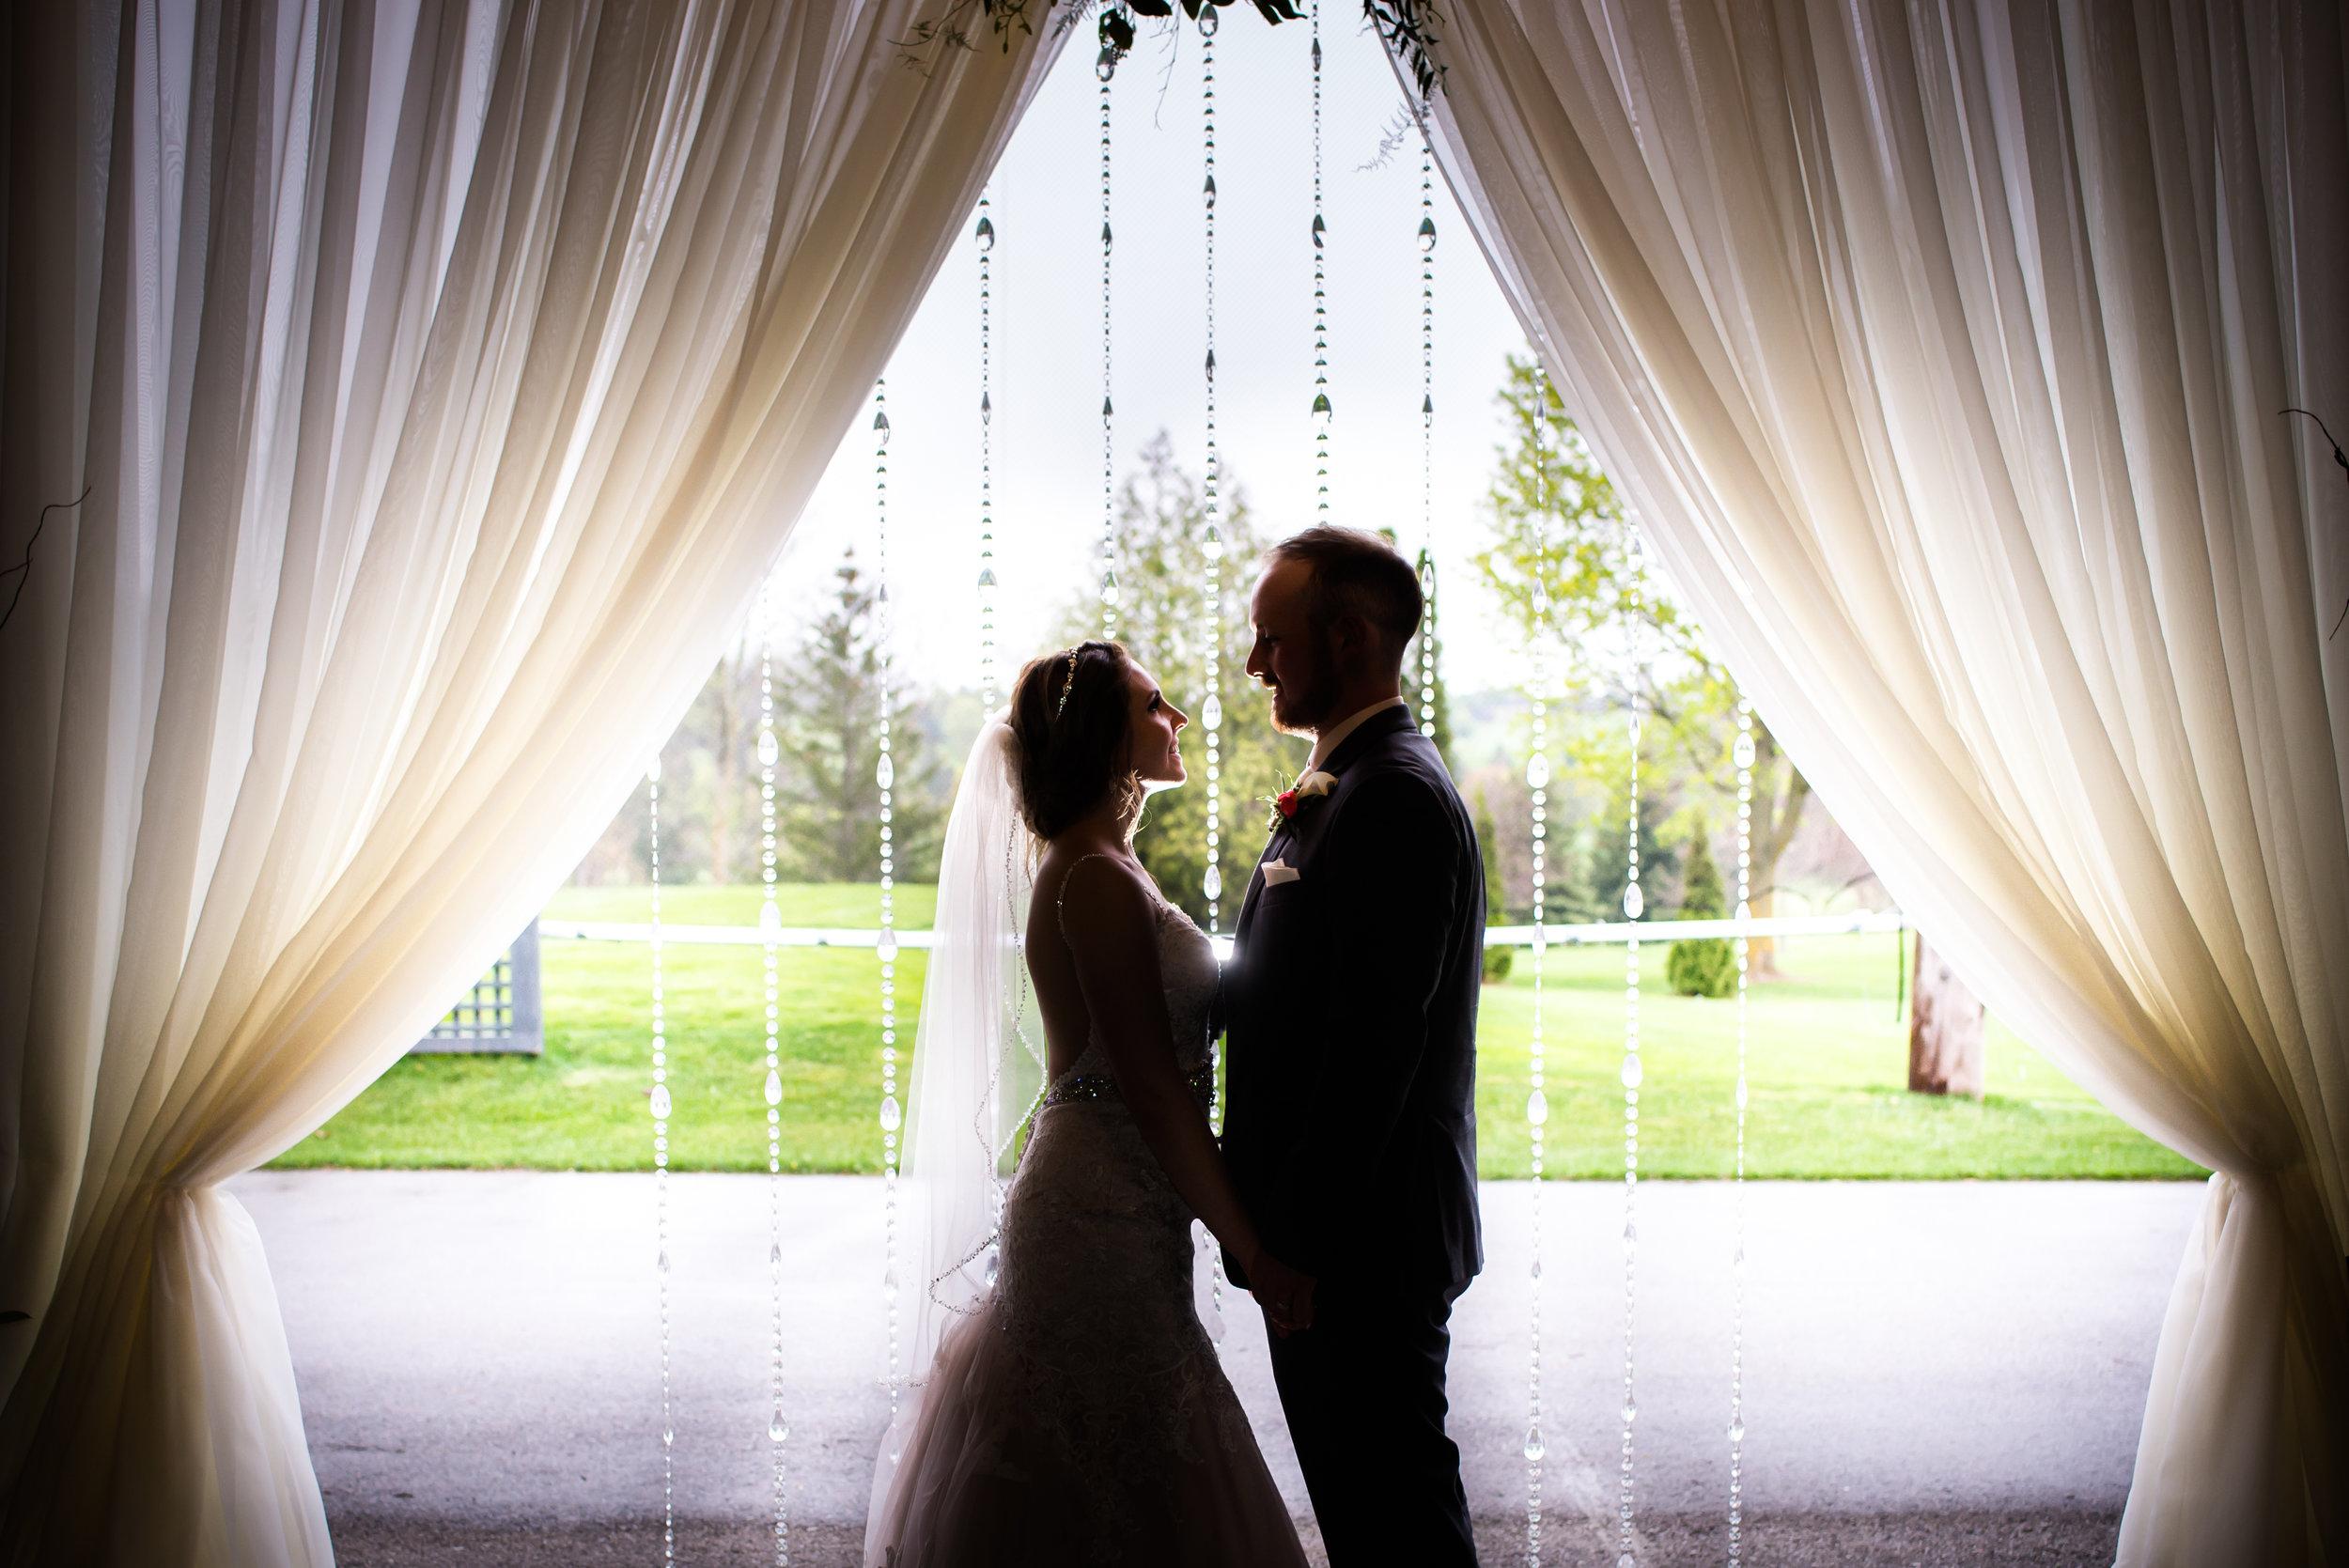 bride_groom_ceremony_vows.jpg